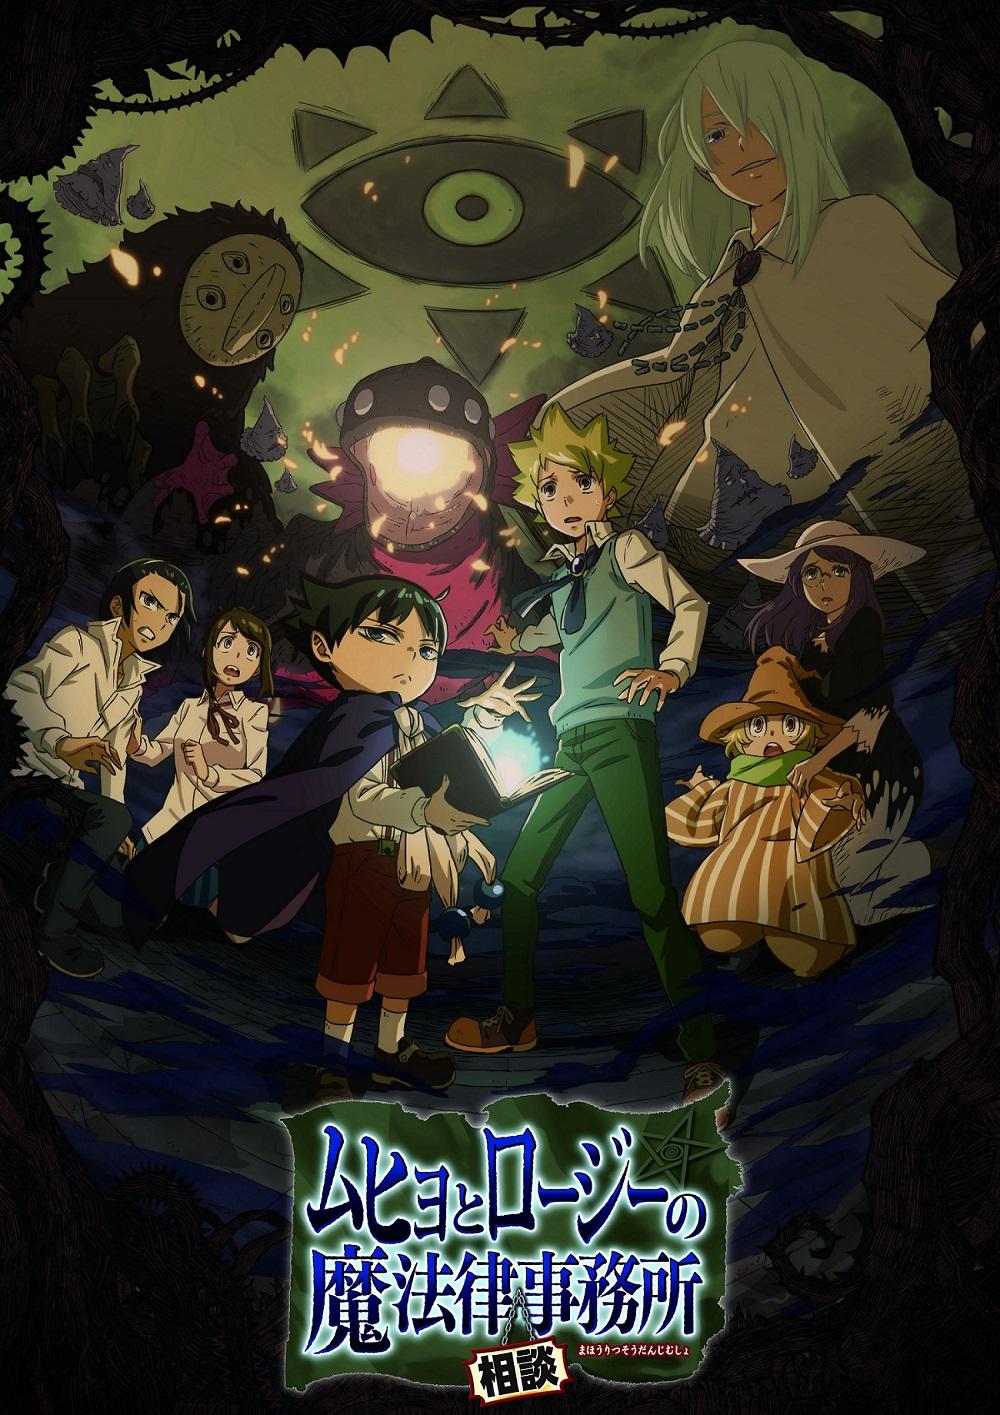 『ムヒョとロージーの魔法律相談事務所』村瀬歩さん・林勇さんが収録裏話を披露! 第1話先行上映会より公式レポート到着-8